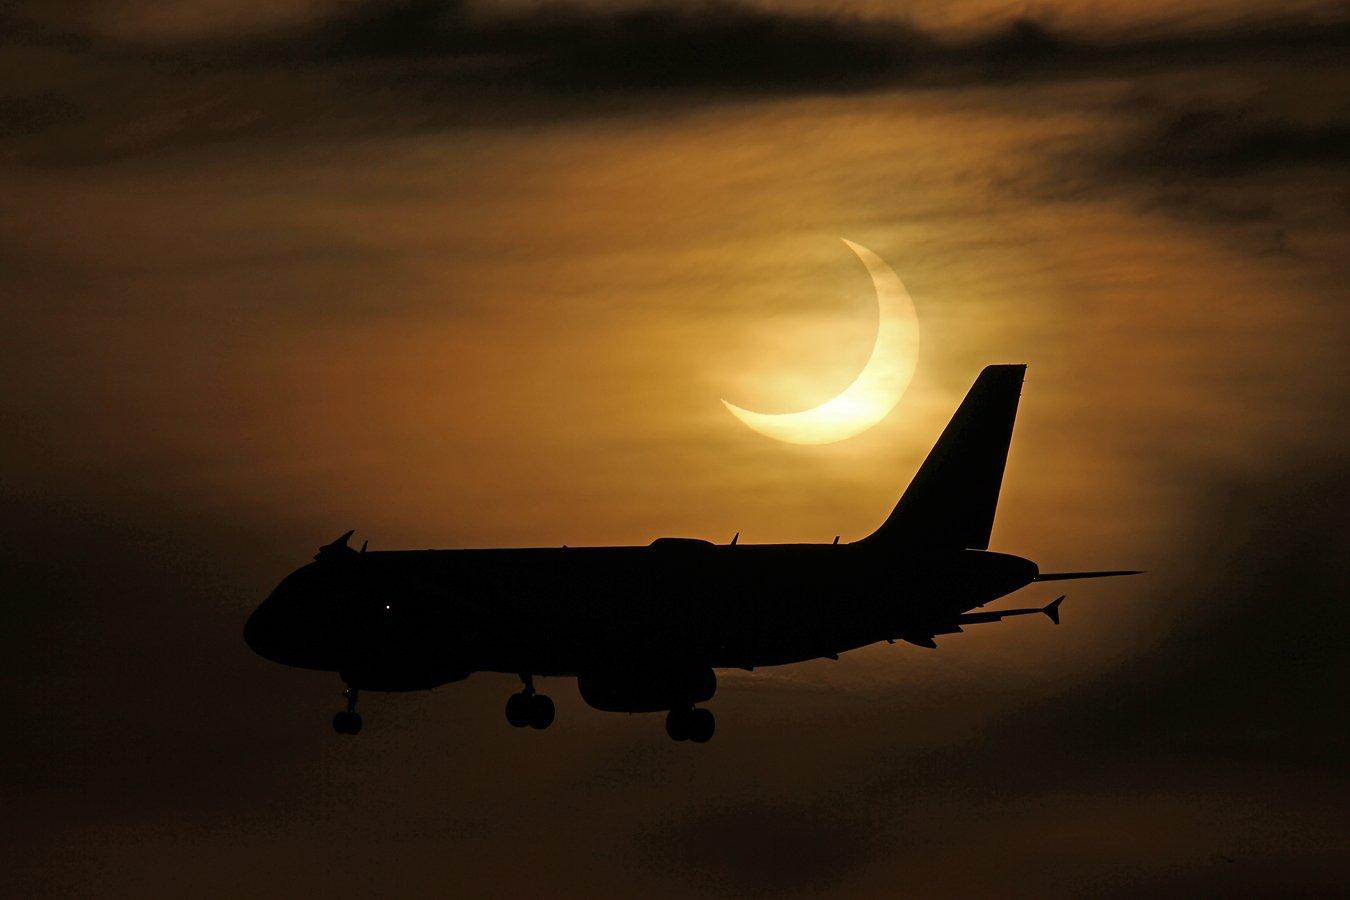 پرواز یک هواپیما از کنار منظرهی نخستین خورشیدگرفتگی 2021